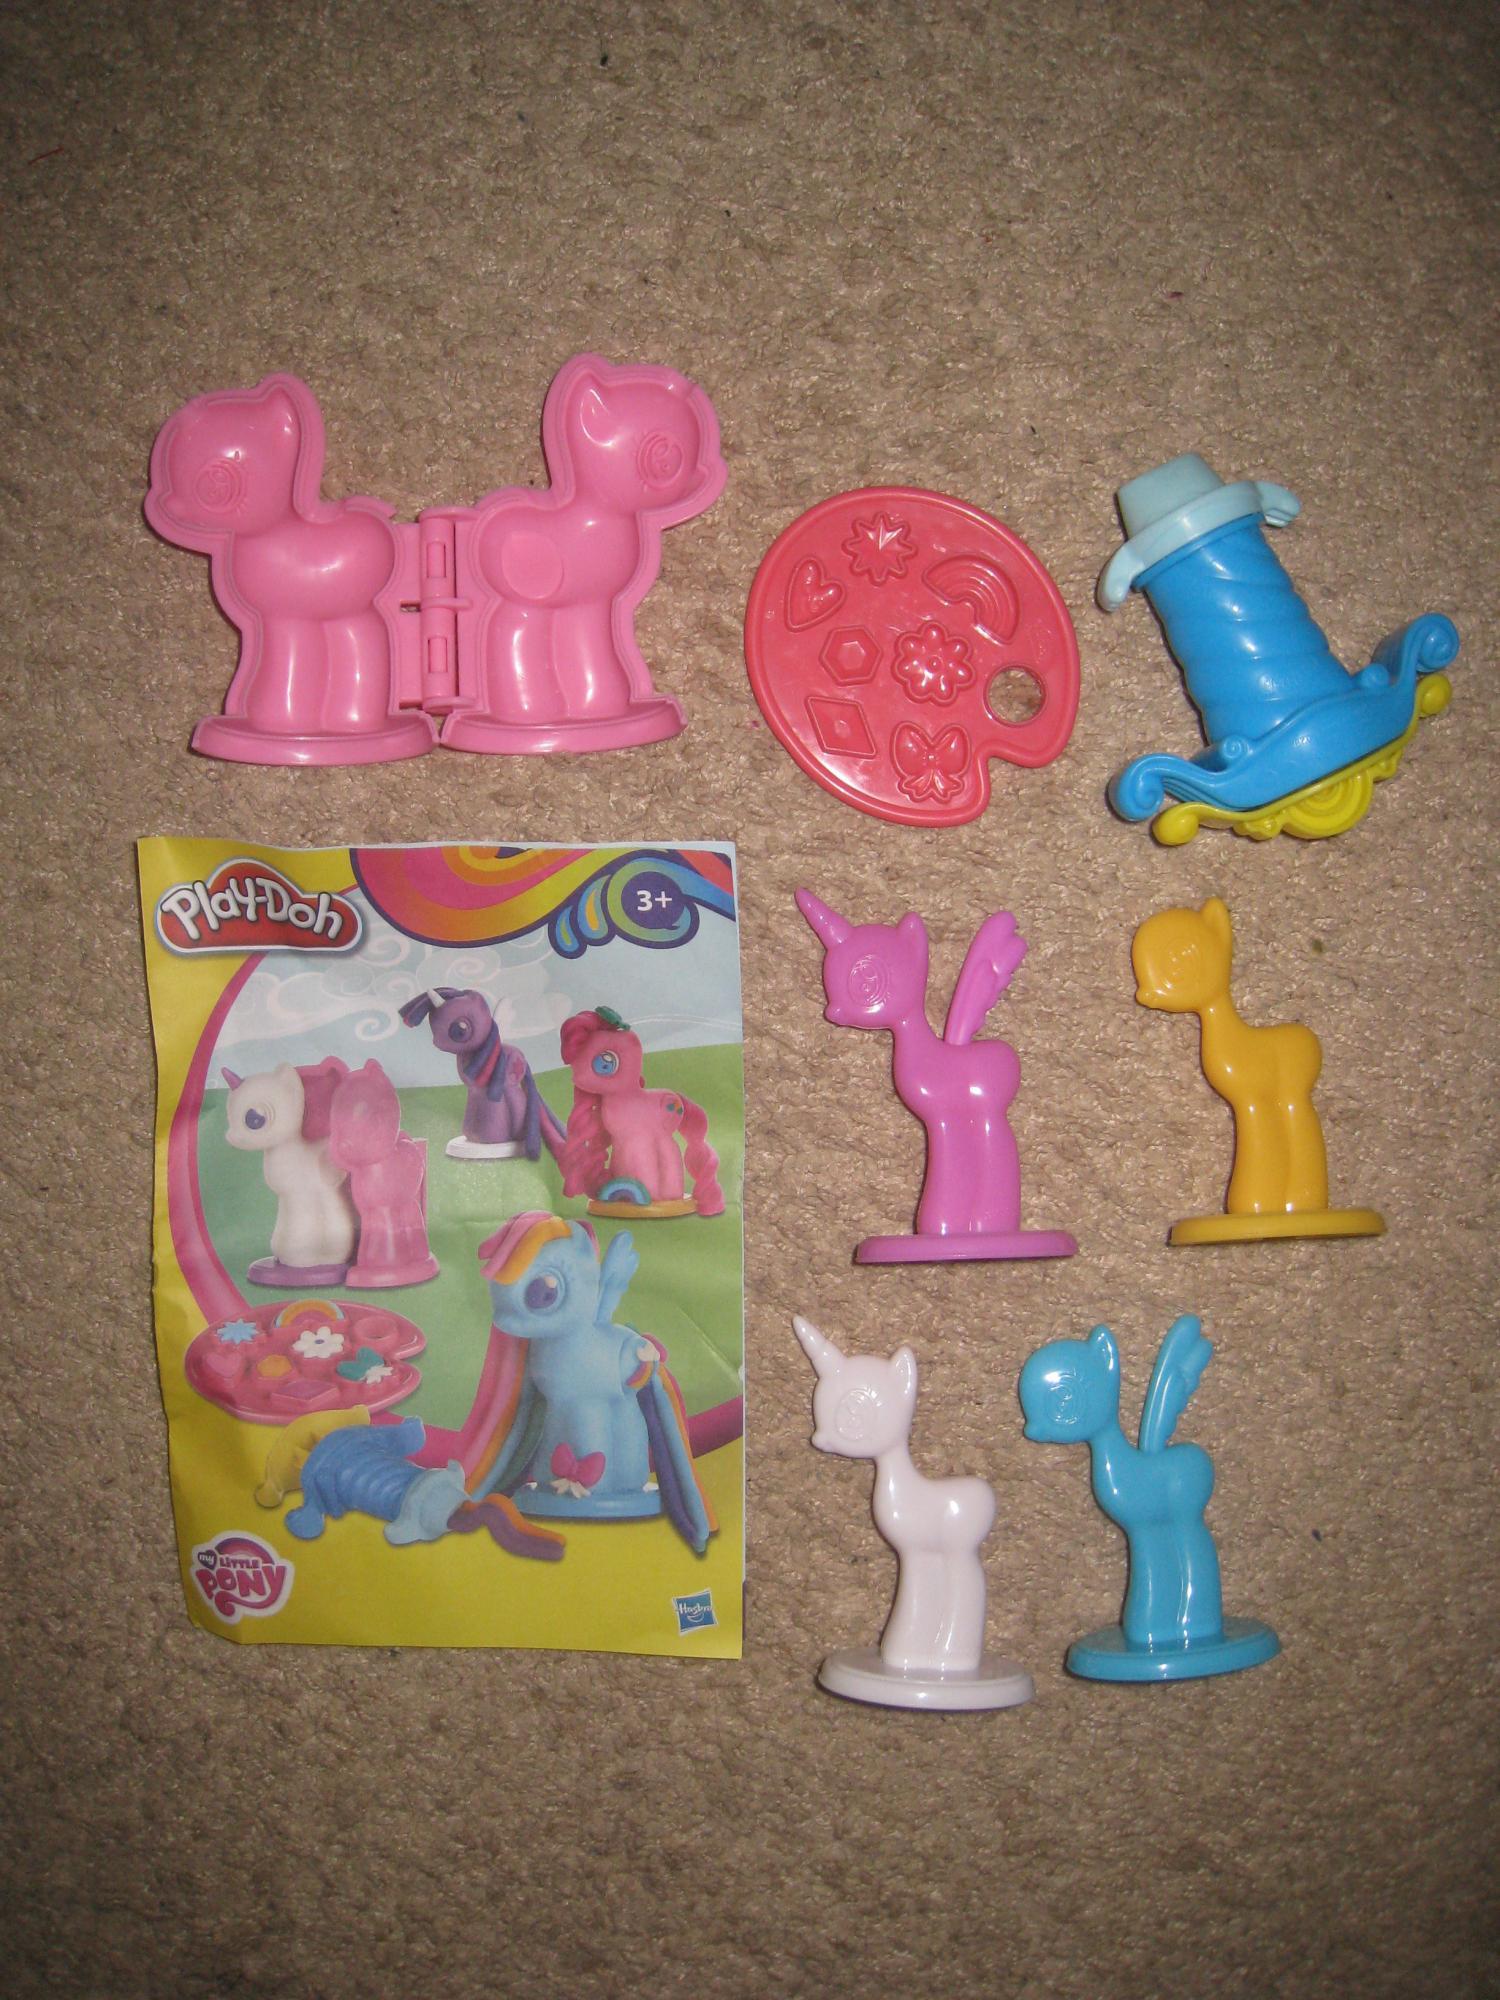 Набор Play-Doh Создай любимую пони в Москве 89161988278 купить 1